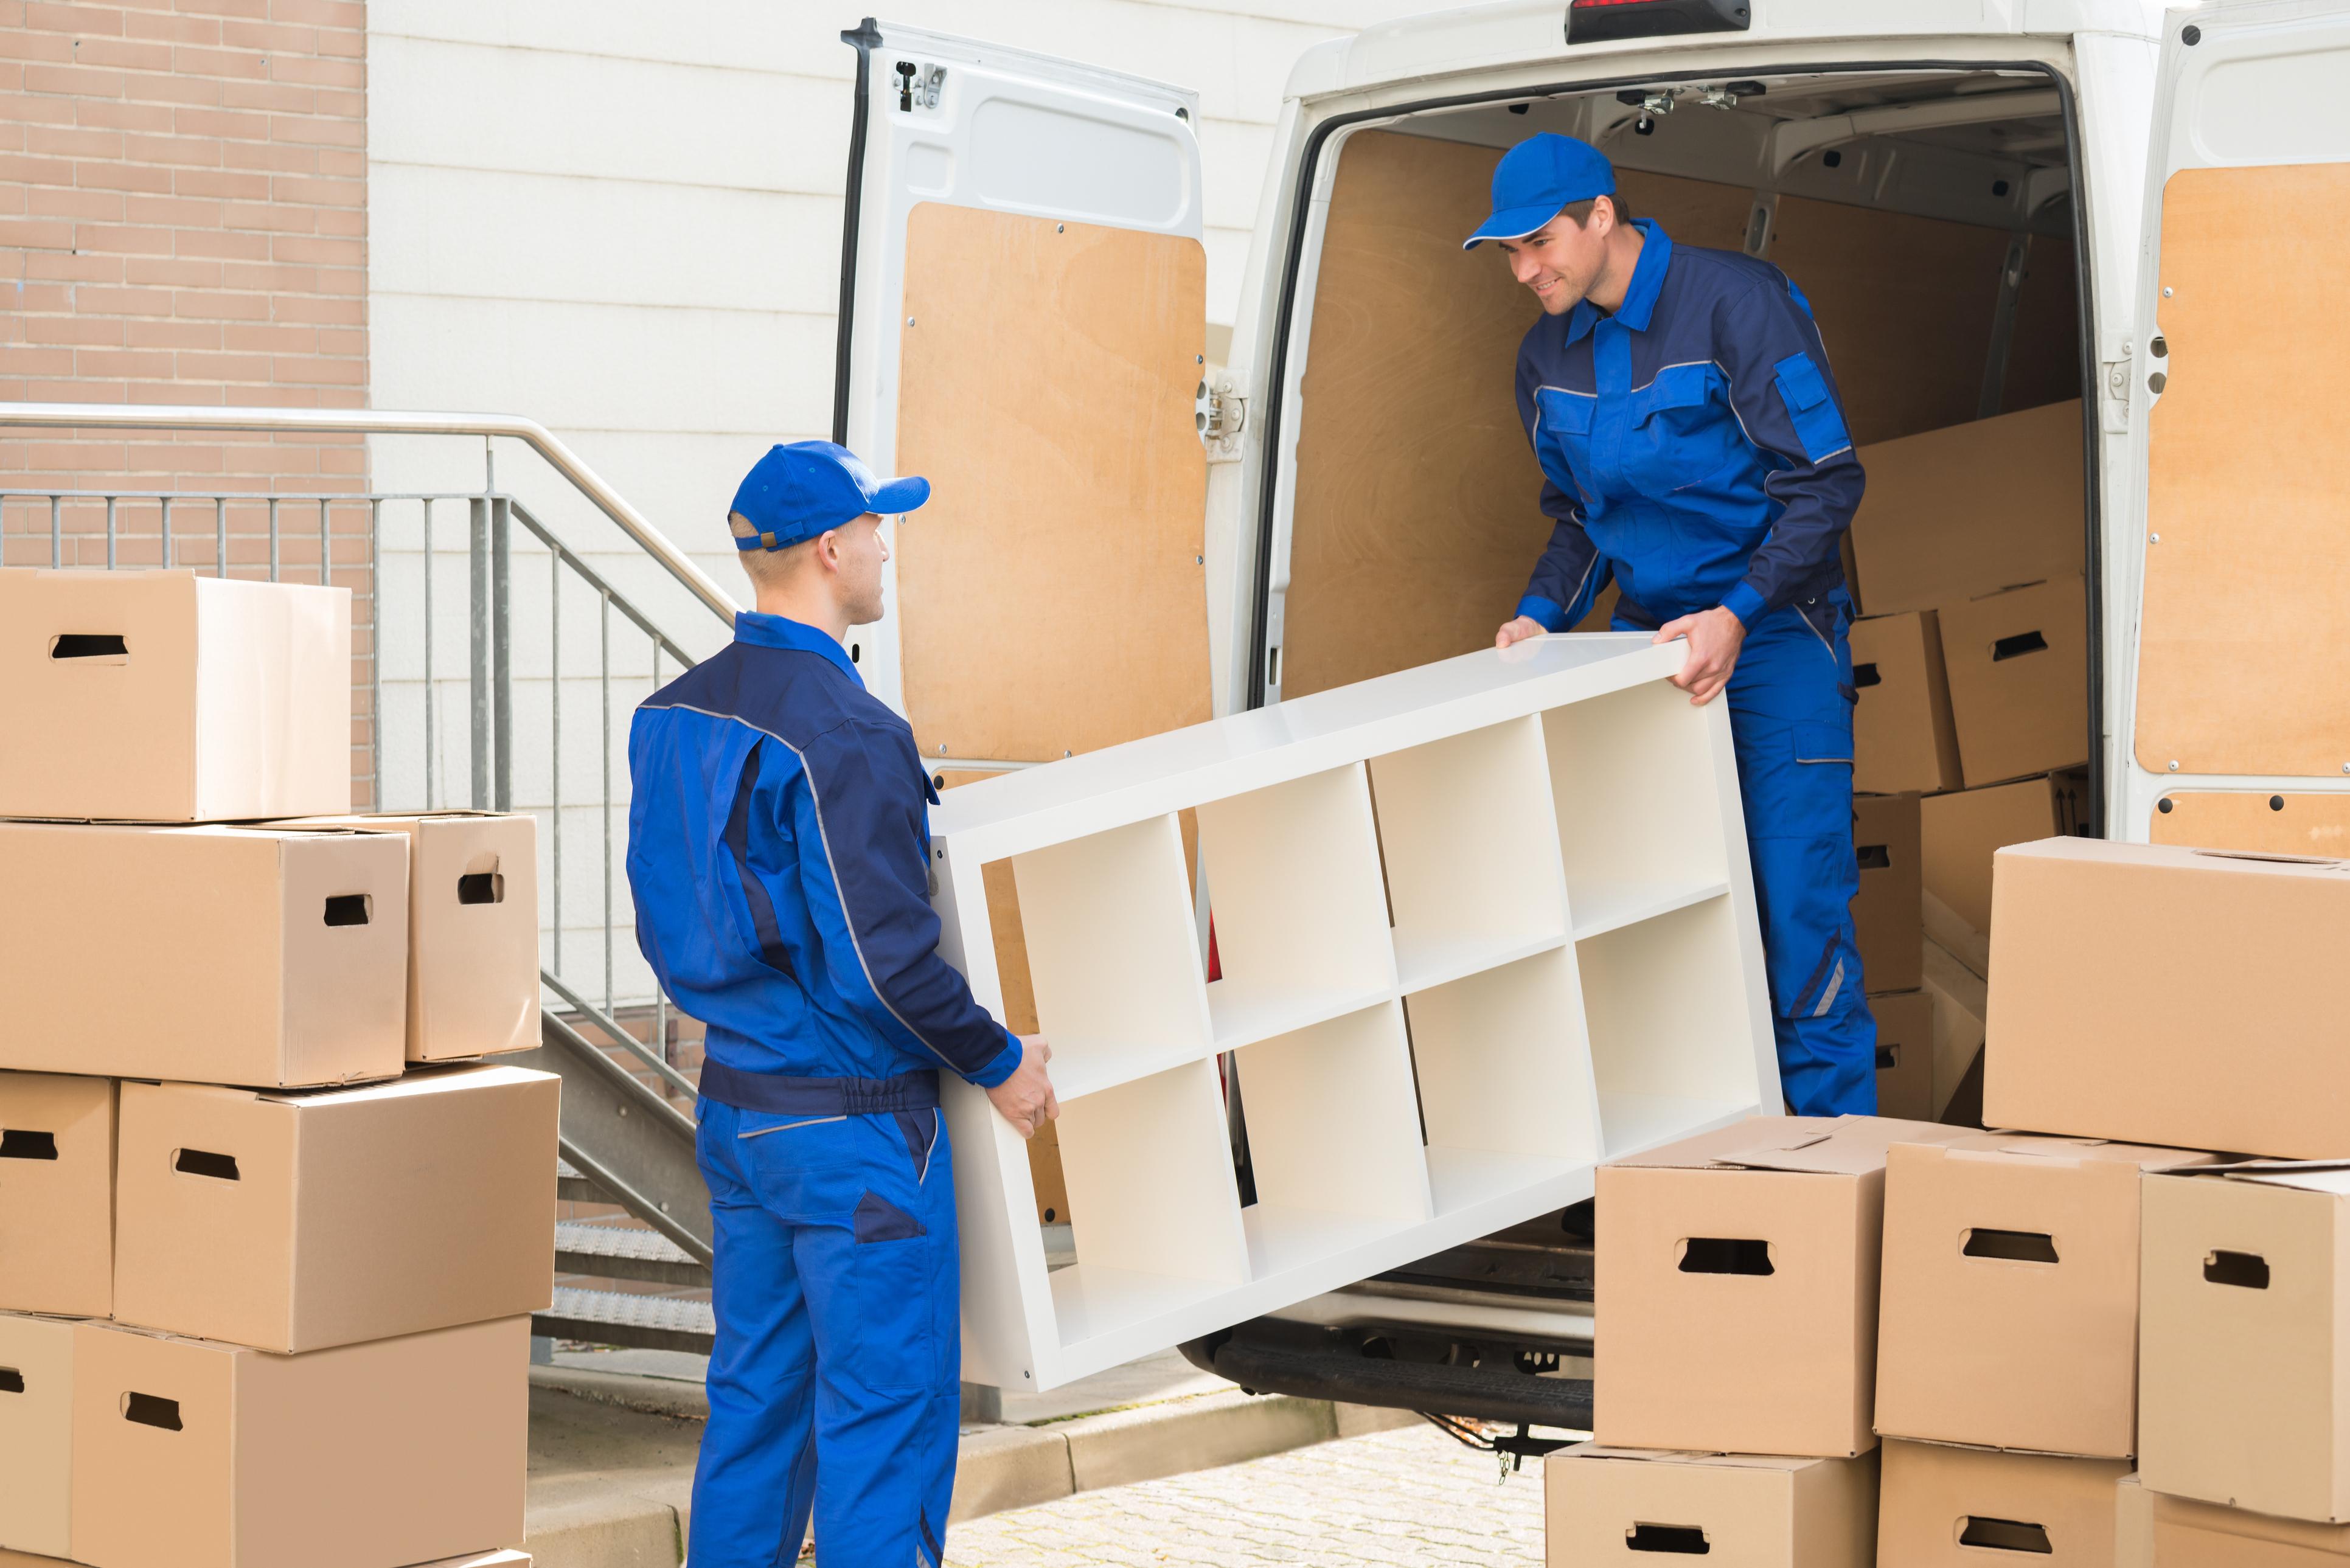 Extra personeel aannemen voor uw verhuisbedrijf of niet? Een checklist